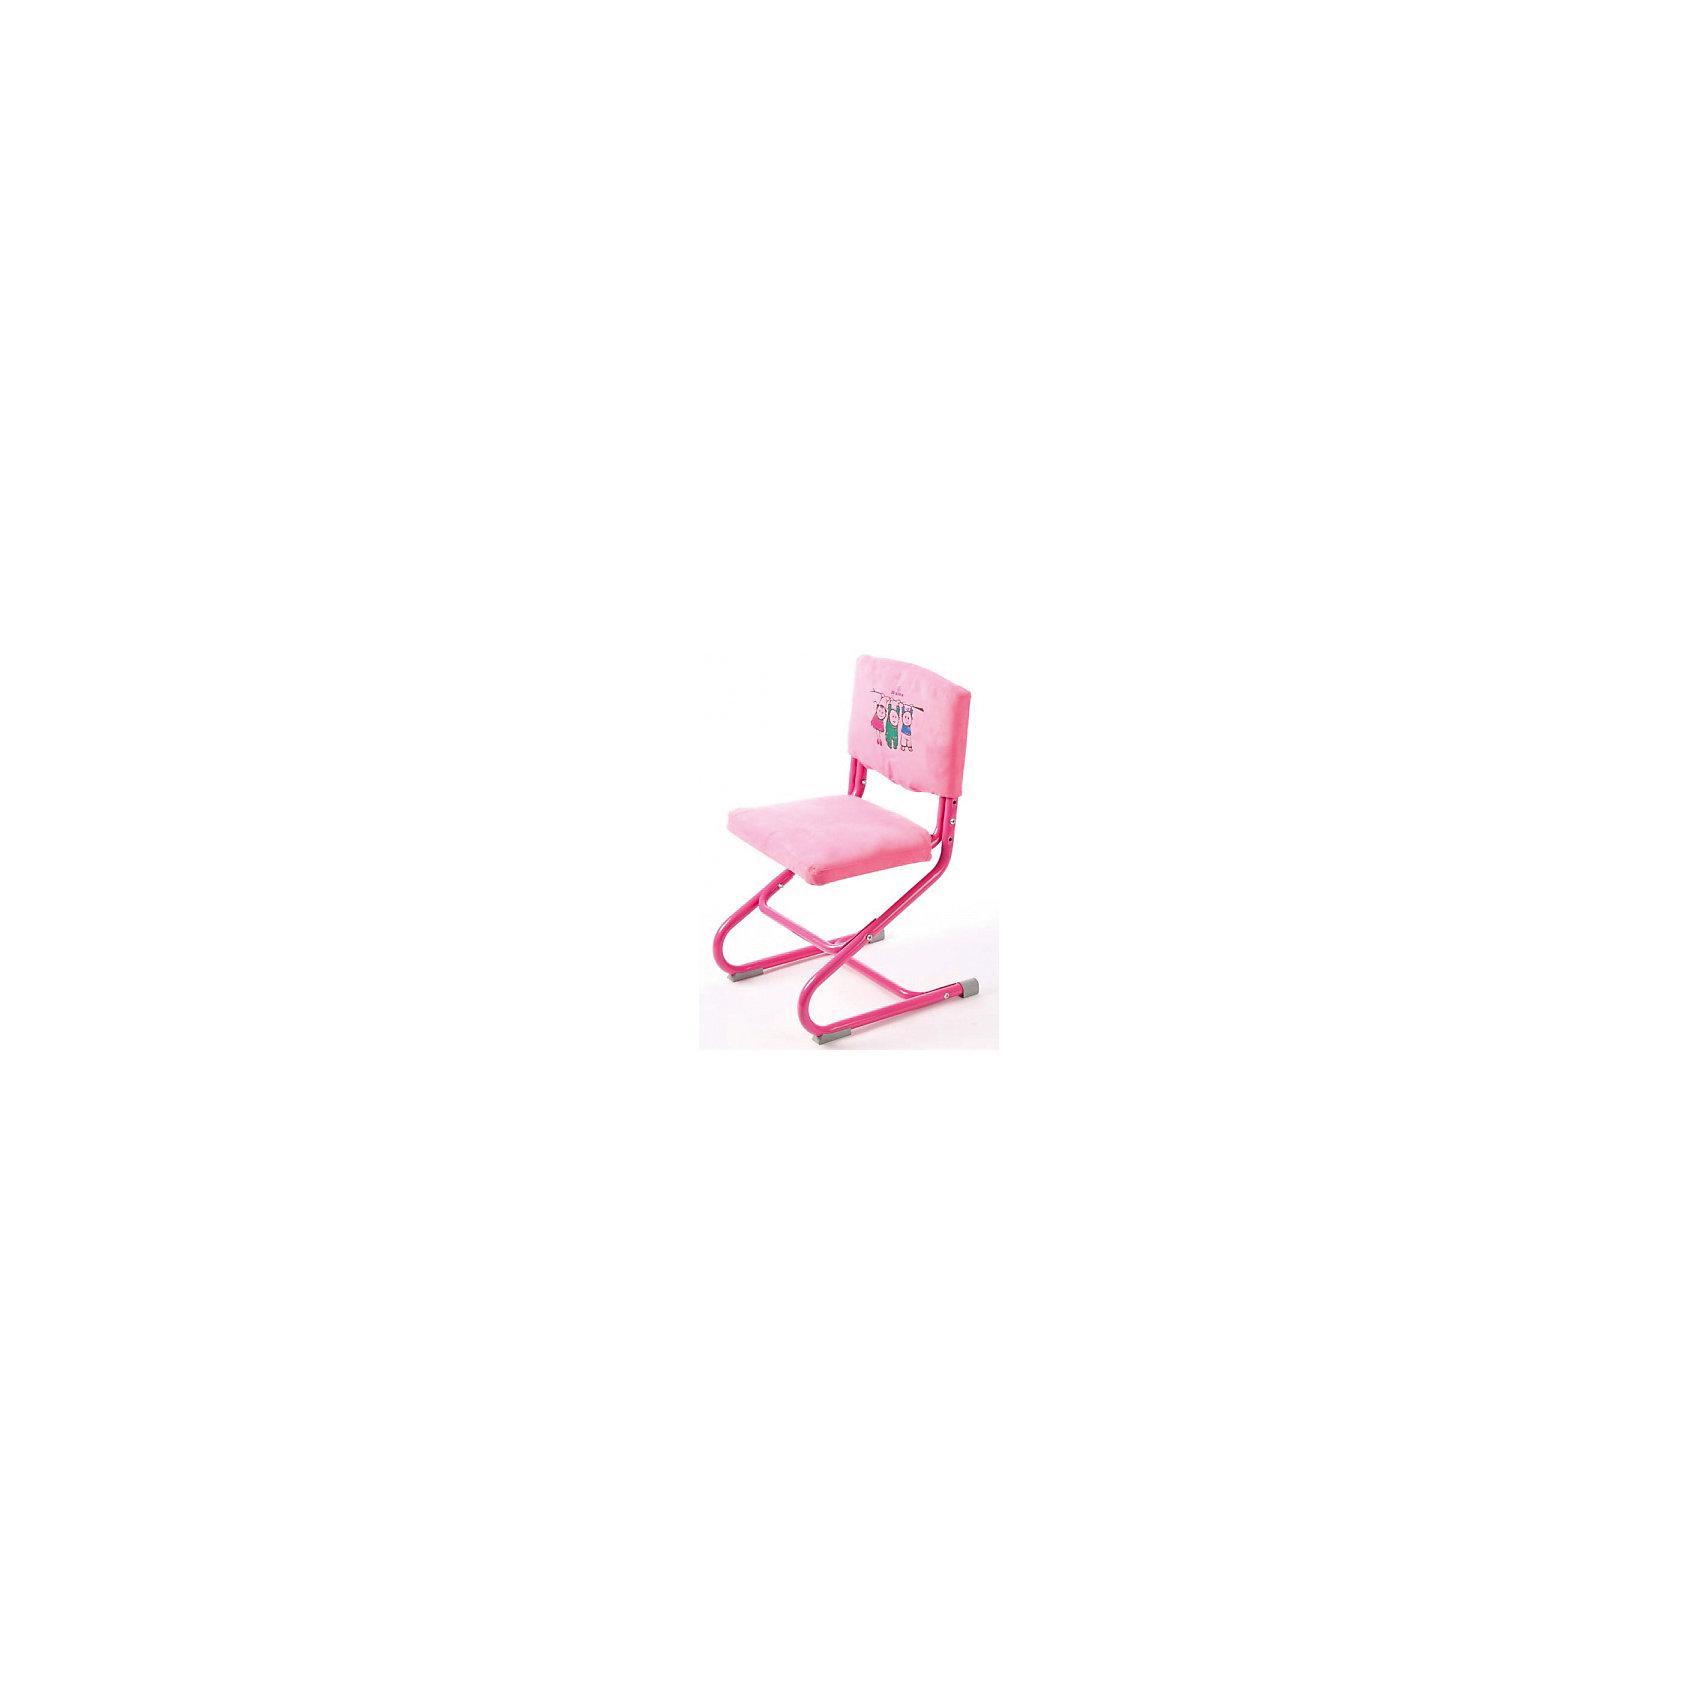 Чехол замша СУТ.01.040-01, Дэми, розовыйМебель<br>Чехол замша СУТ.01.040-01, Дэми, розовый – красота и удобства слились воедино.<br>Данная модель чехла выполнена из замши, которая не только приятная на ощупь, но и достаточно прочная. Такую ткань можно стирать в машинке, он не теряет внешний вид от стирки и долгой службы. Чехол скрывает болты на спинке и сидении, тем самым делая стул еще удобнее и симпатичнее. Его легко снимать, однако он совершенно не скользит и не спадает со стула.<br><br>Дополнительная информация:<br> <br>Размер: 500х390х50 мм<br>Вес: 360 гр<br>Материал: замша<br>Цвет: розовый<br><br>Чехол замша СУТ.01.040-01, Дэми, розовый можно купить в нашем интернет магазине.<br><br>Ширина мм: 500<br>Глубина мм: 390<br>Высота мм: 50<br>Вес г: 360<br>Возраст от месяцев: 48<br>Возраст до месяцев: 1188<br>Пол: Женский<br>Возраст: Детский<br>SKU: 4919235